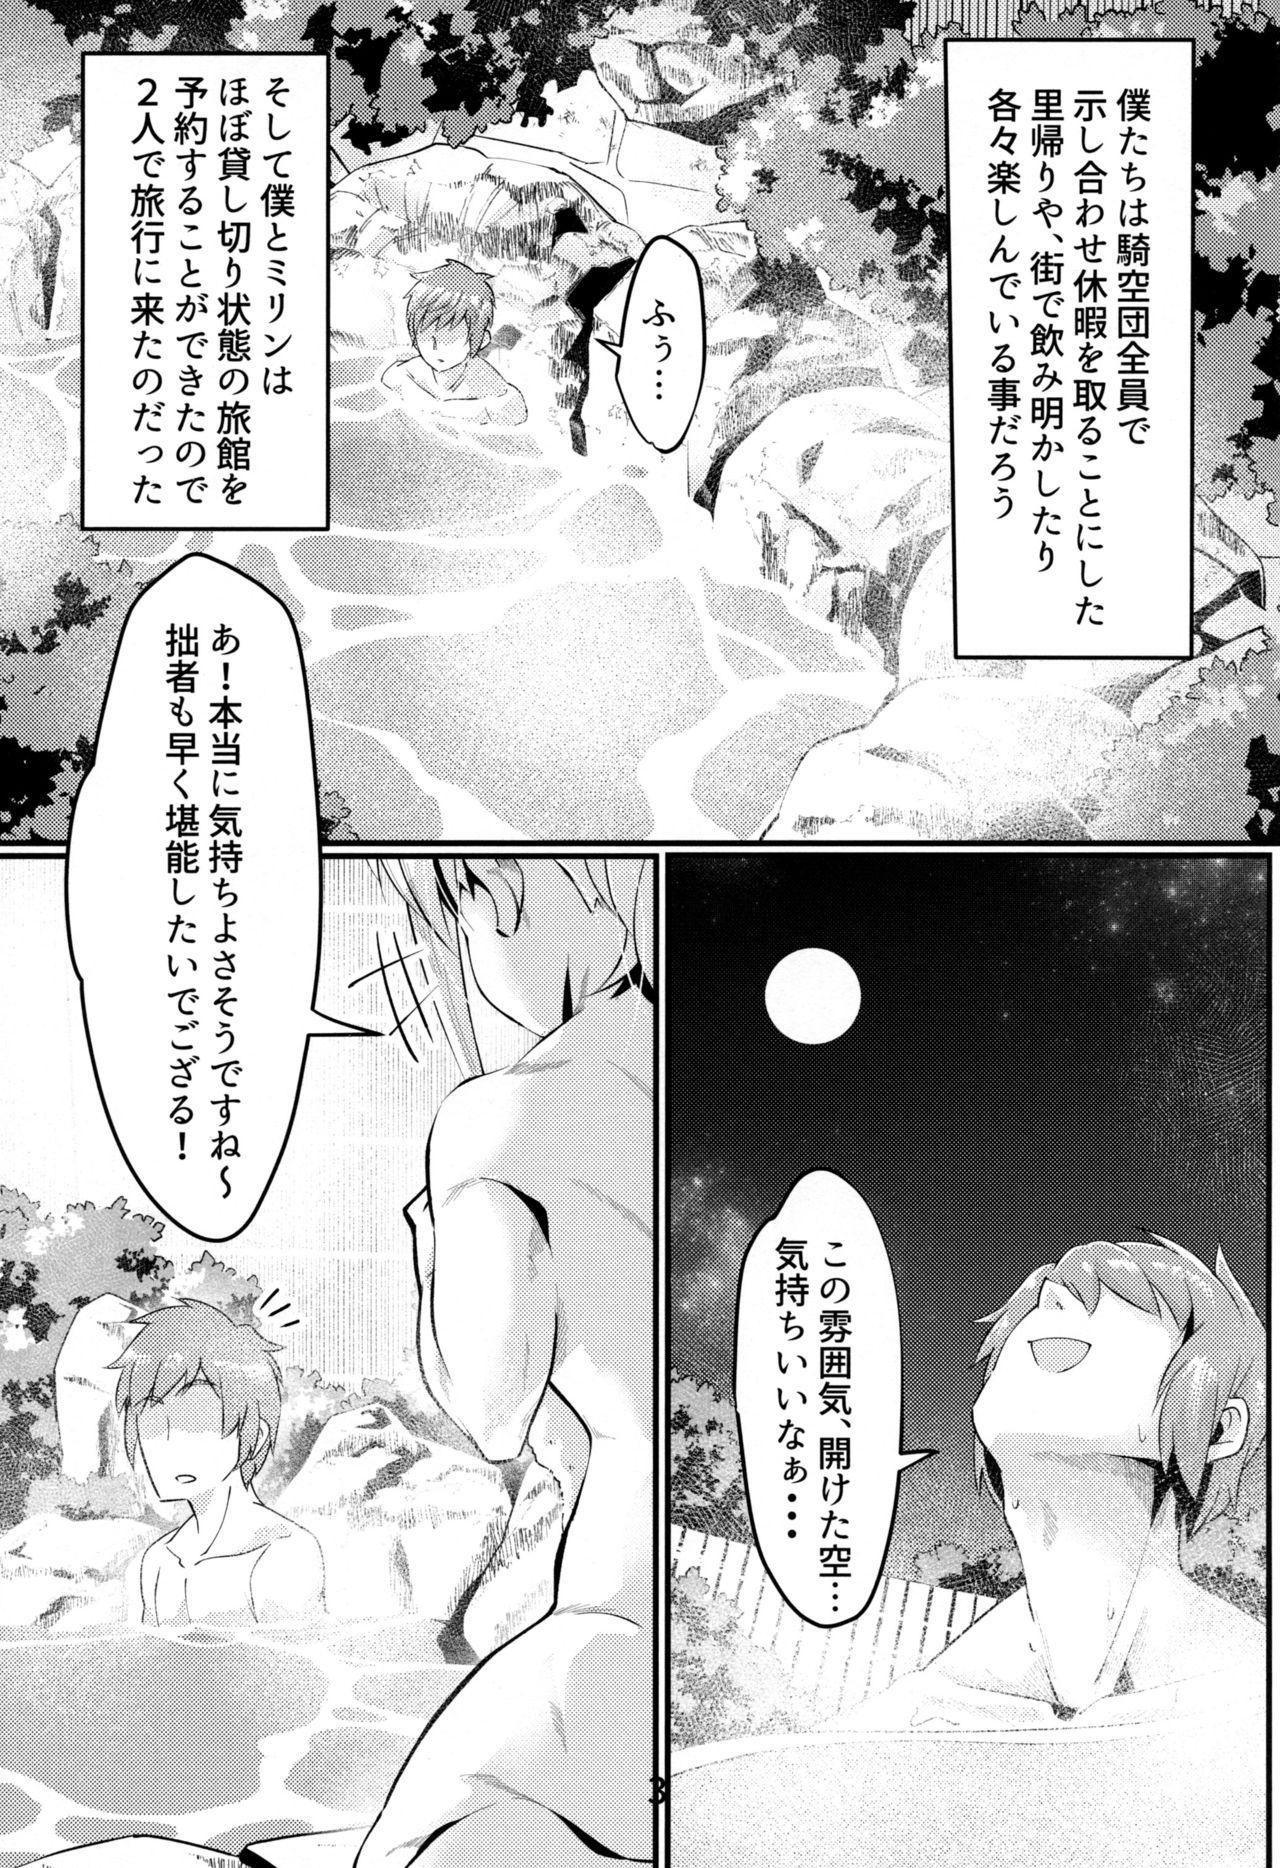 Mirin-chan no Yukemuri Onsen Yawa 1